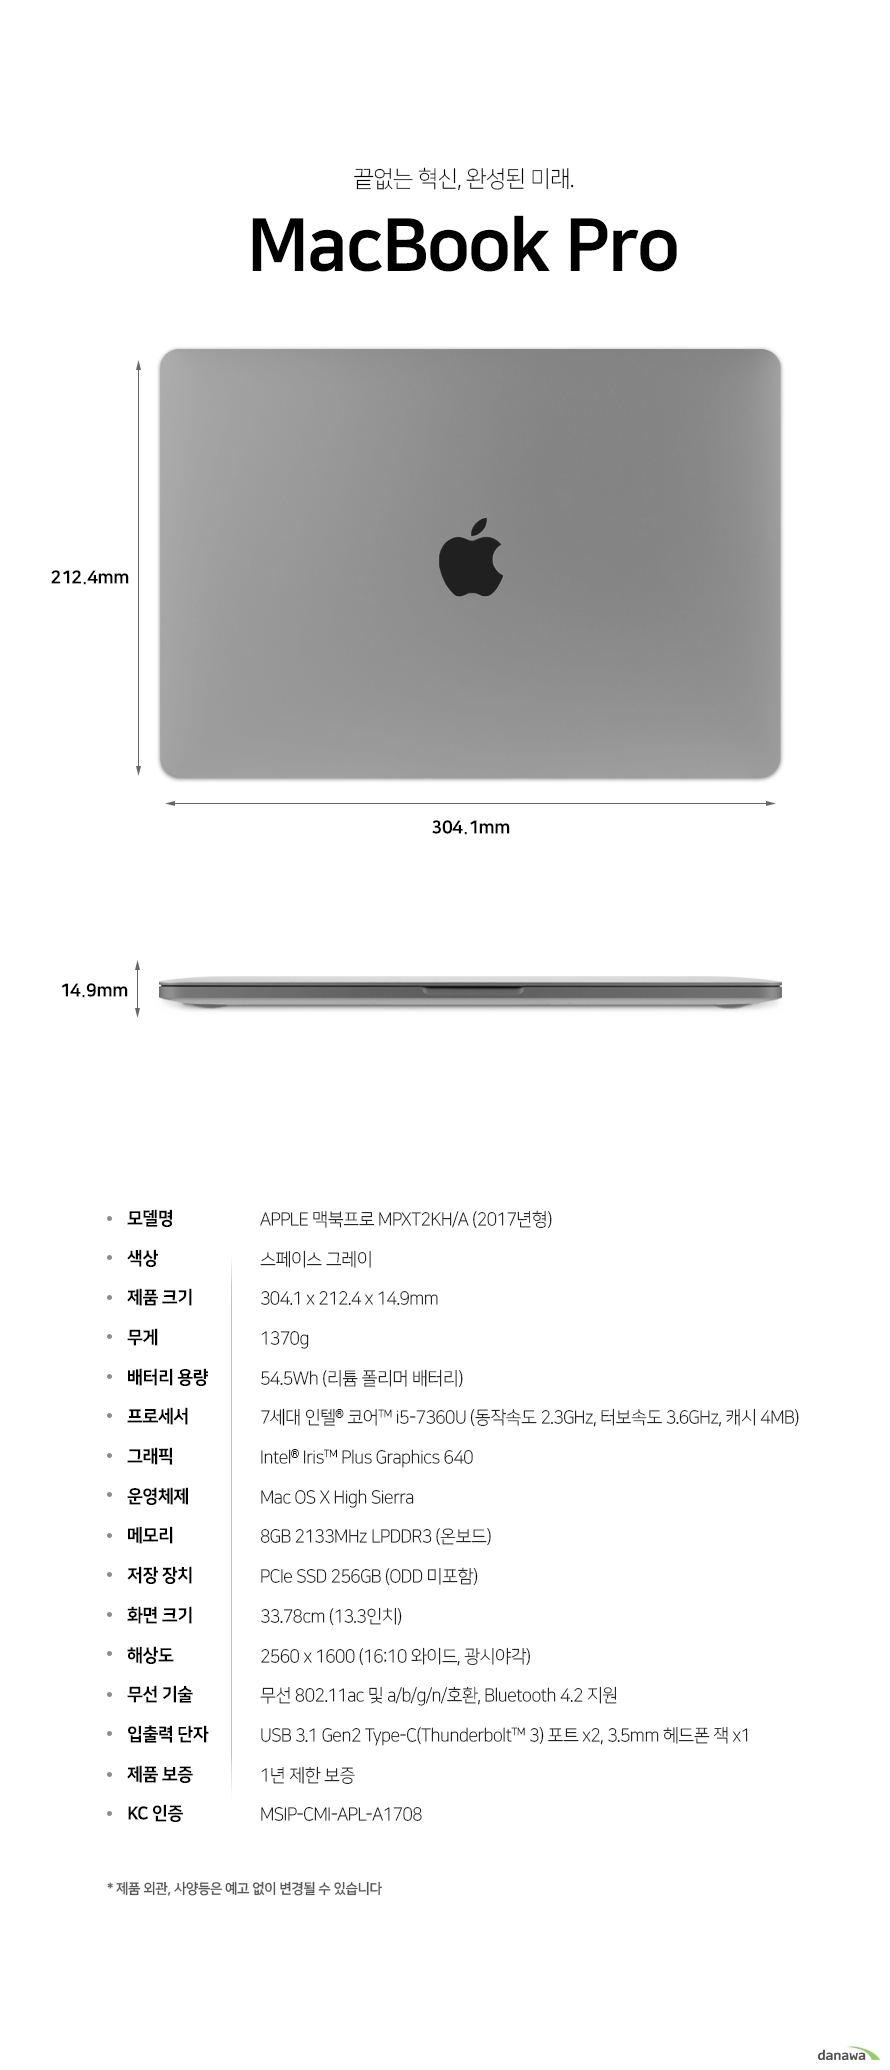 예술적인 혁신, 아름다움     맥북 프로            상세스펙        모델명    애플 맥북프로 MPXT2KH/A 2017년형        색상    스페이스 그레이        제품크기    길이 304.1 밀리미터    넓이 212.4 밀리미터    두께 14.9 밀리미터        무게 1370g        배터리 용량 54.5 와트시 리튬 폴리머 배터리 장착        프로세서    7세대 인텔 코어 i5 7360U     동작속도 2.3기가 헤르츠 터보 속도 3.6 기가헤르츠 캐시 4메가바이트        그래픽     인텔 아이리스 플러스 그래픽스 640        운영체제    os x high sierra        메모리     8기가바이트 2133 메가헤르츠 lpddr3 온보드 장착        저장장치    PCIE SSD 256GB (ODD 미포함)        화면크기    33.78cm 13.3인치        해상도     2560 1600 16:10비율 광시야각        무선 기술    무선 802.11ac 및 a b g n 호환     블루투스 4.2 지원        입출력 단자 usb 3.1 GEN2 타입 c포트(썬더볼트 3 호환) 2개 및 3.5밀리미터 헤드폰 잭 1개        제품 보증 1년 제한 보증        kc 인증 msip cmi apl a1708        제품 외관 사양등은 예고 없이 변경될 수 있습니다.